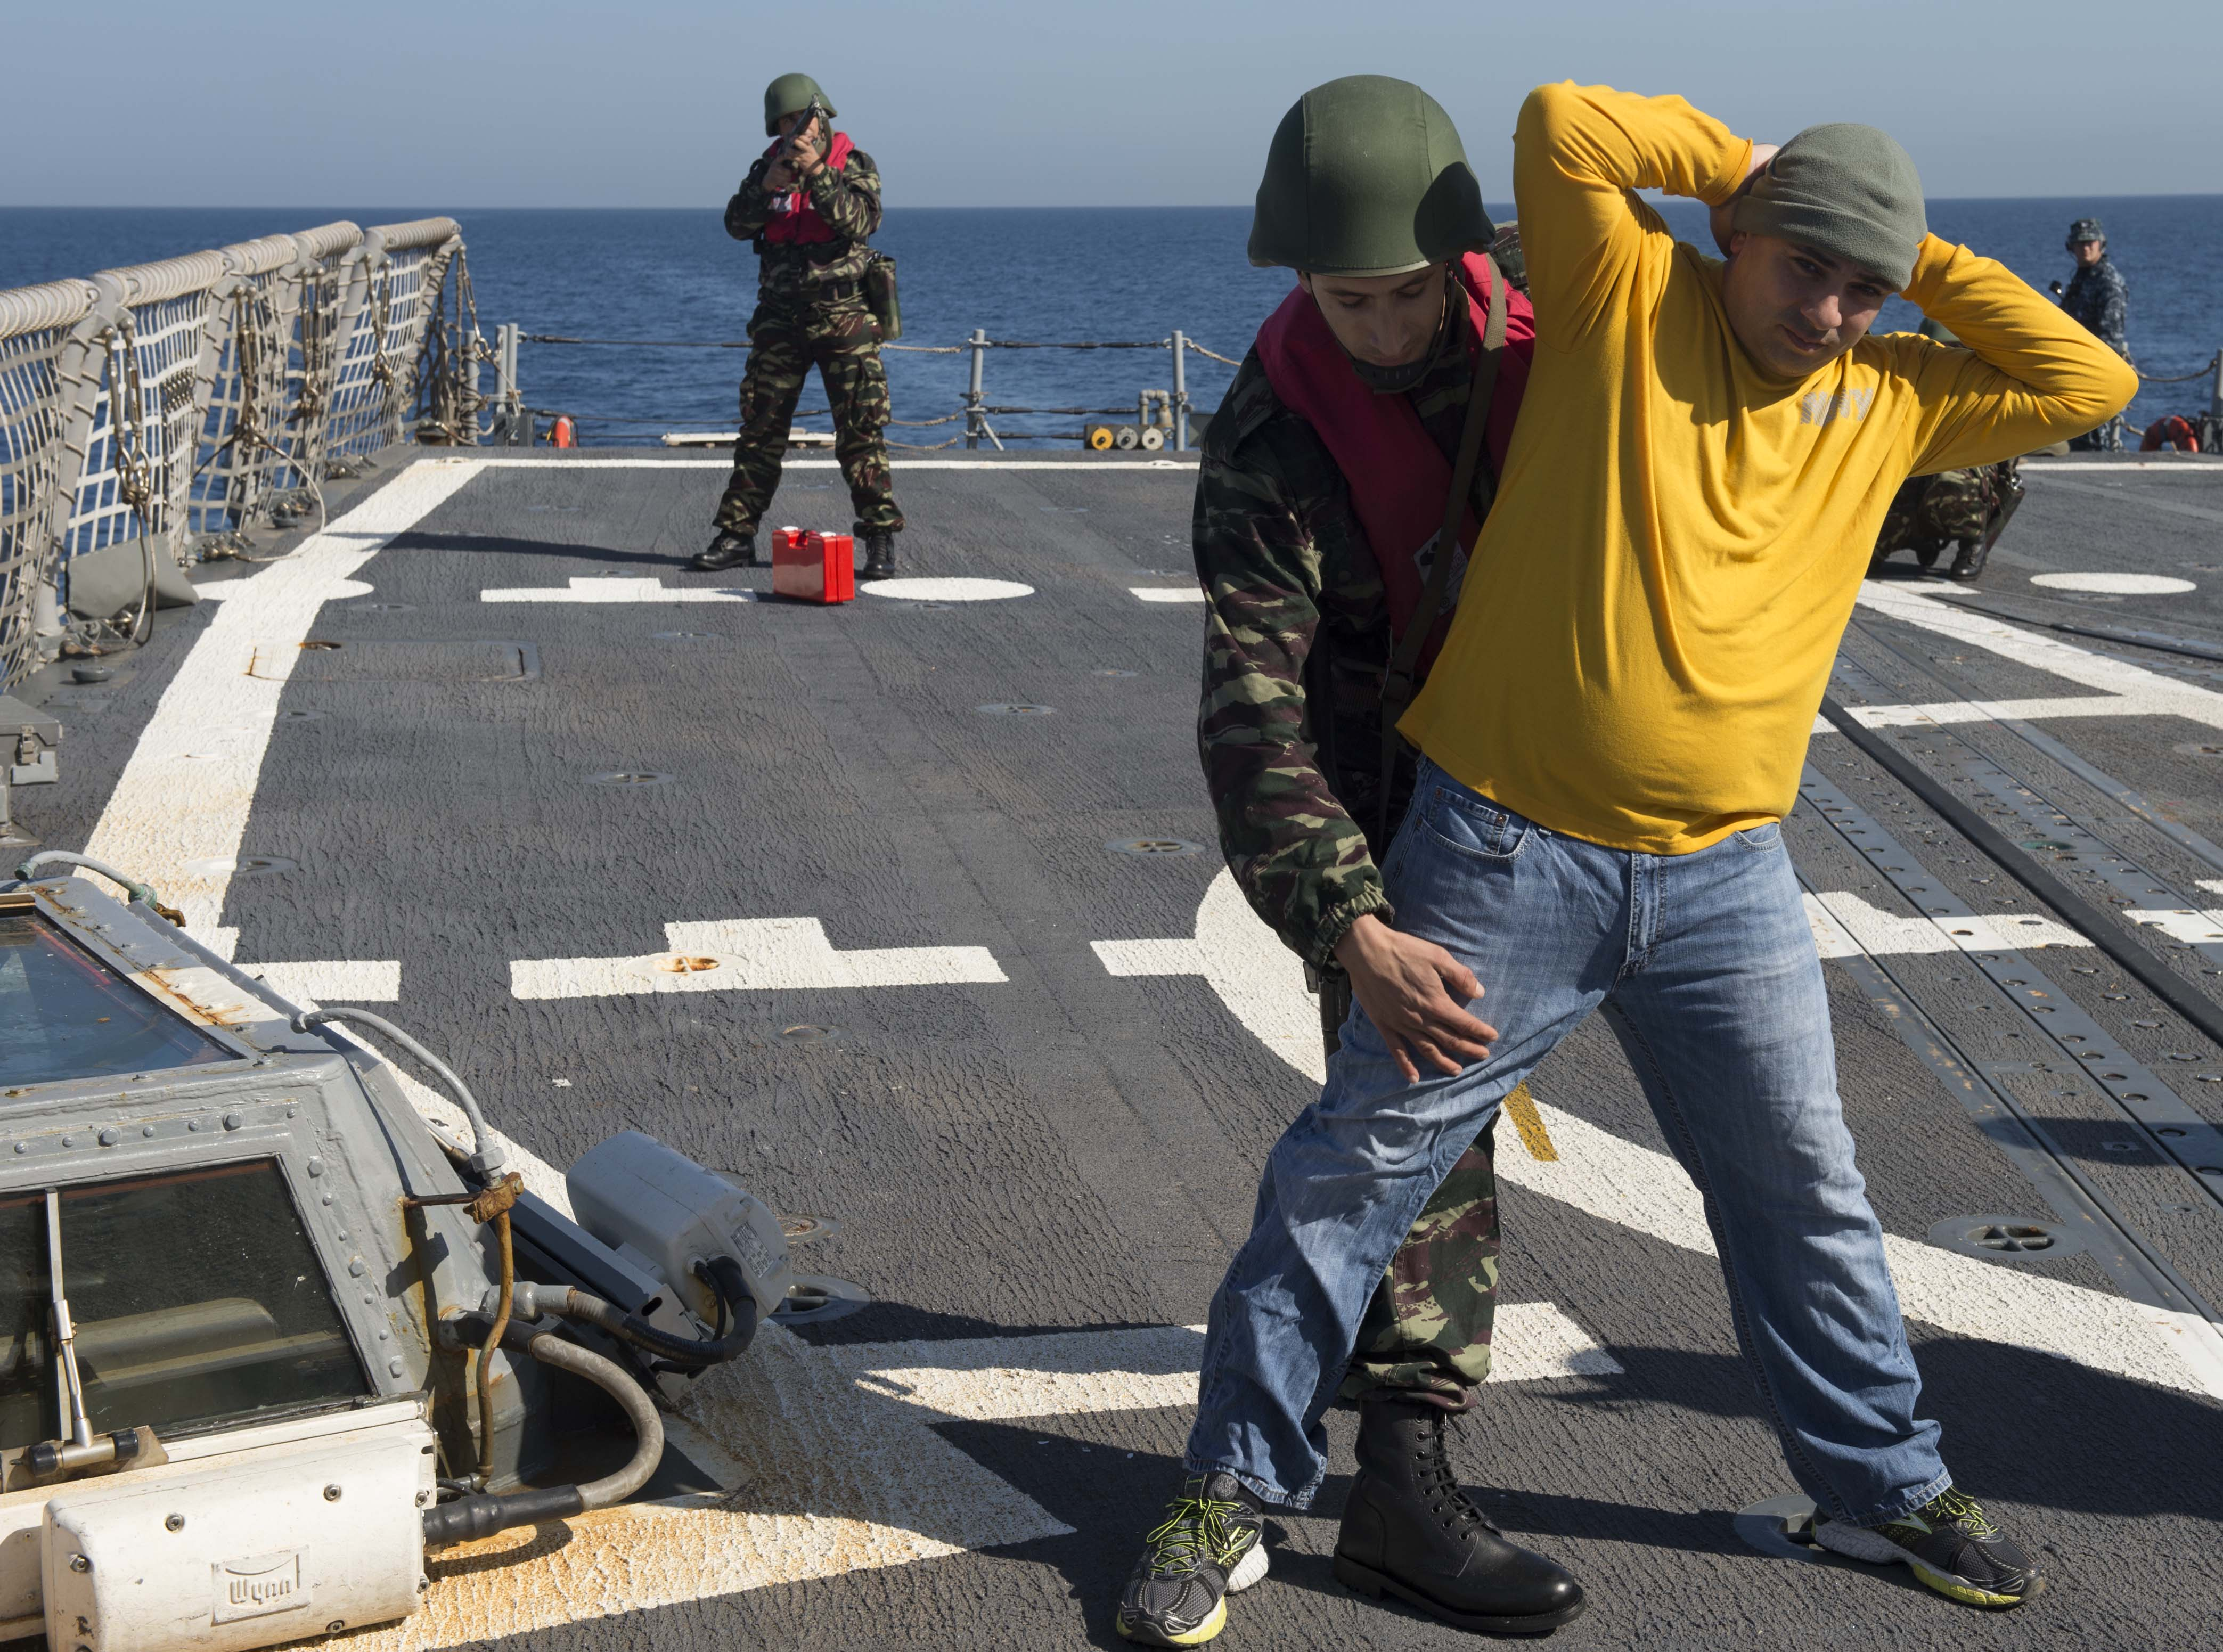 البحرية الملكية المغربية -شامل- - صفحة 12 47820412363703635148b607e8ao